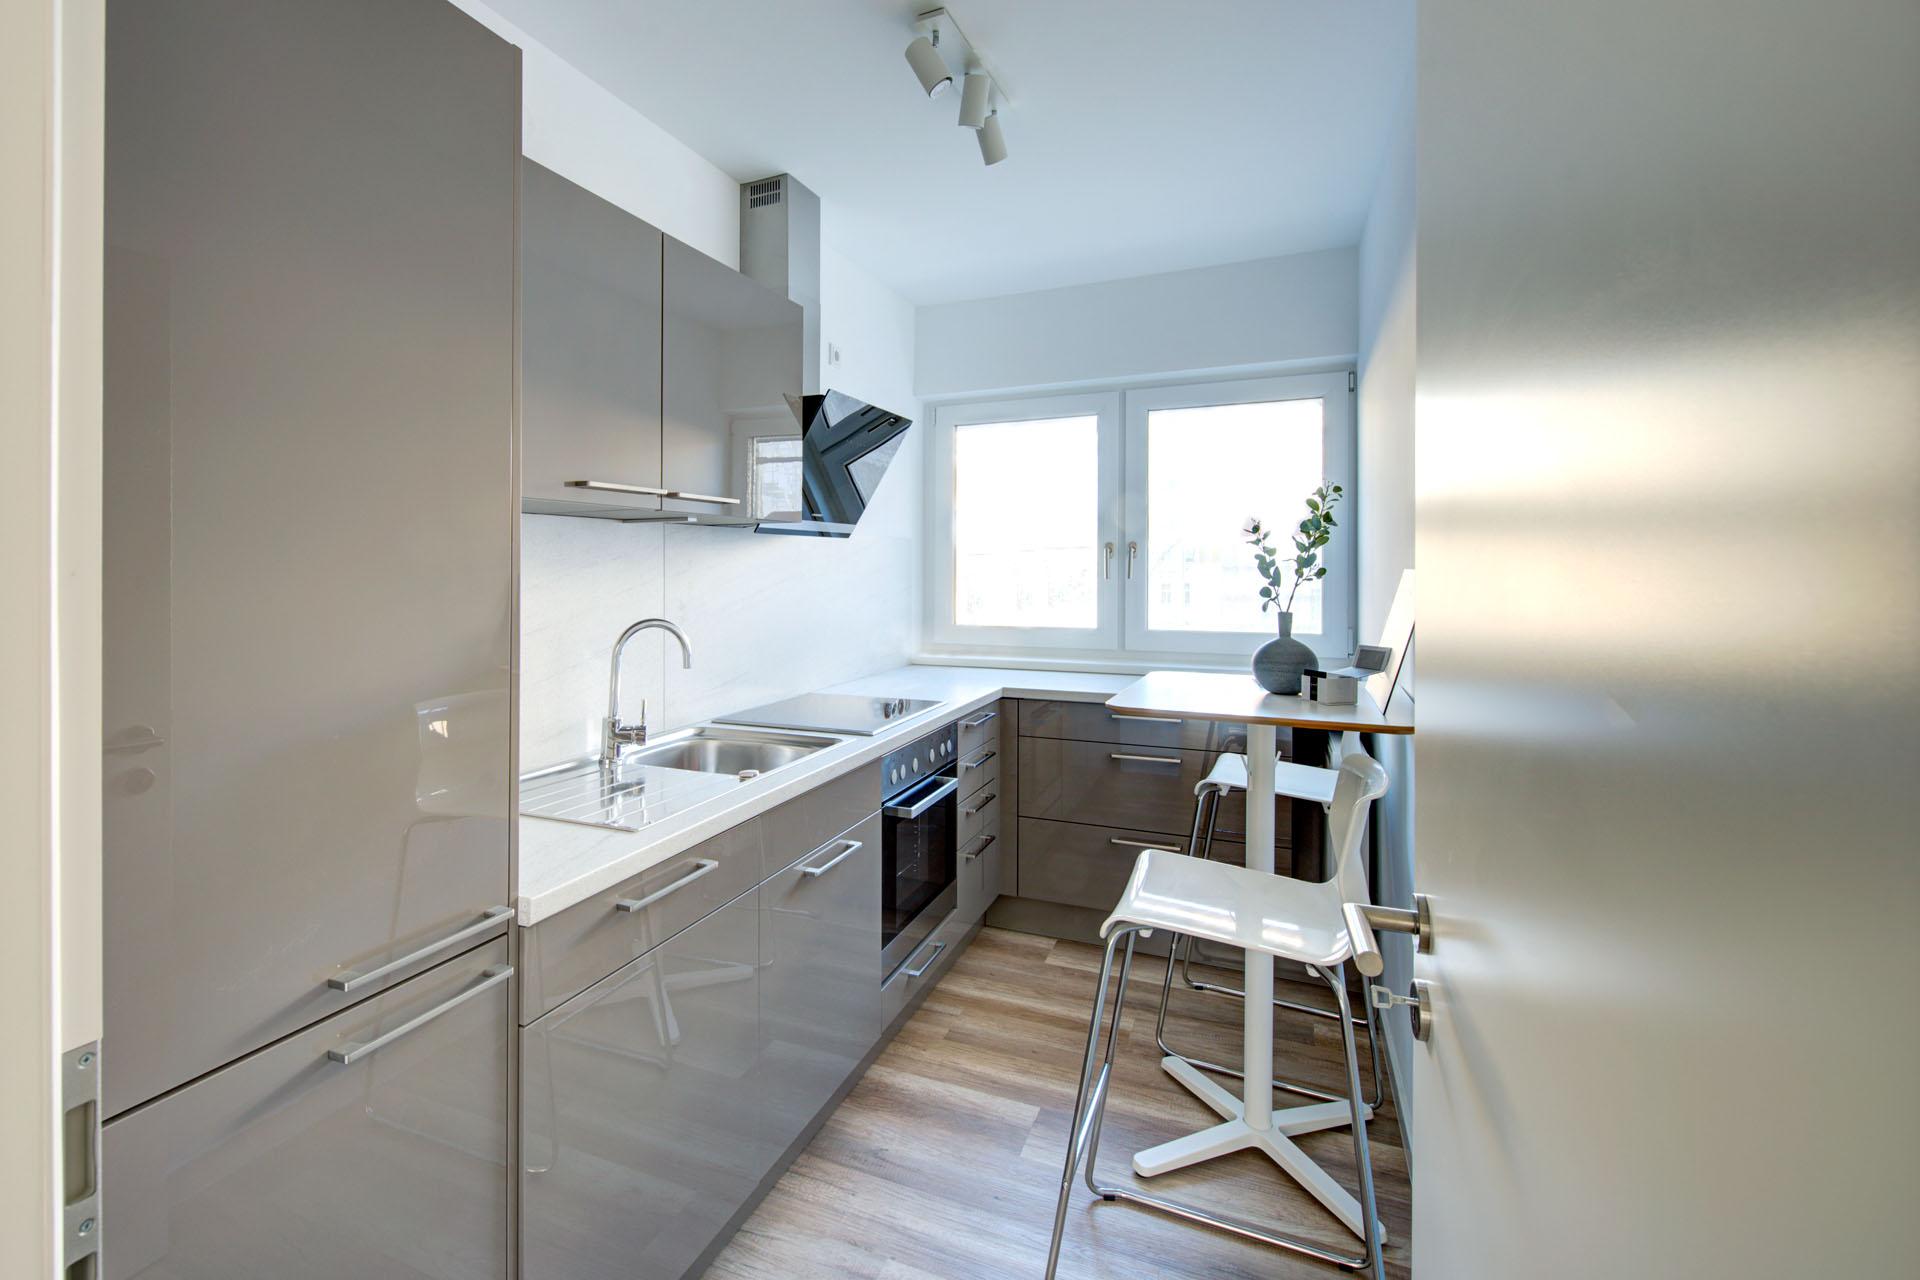 LYTZ - Lützowstrasse 37/39 - Blick in die Küche